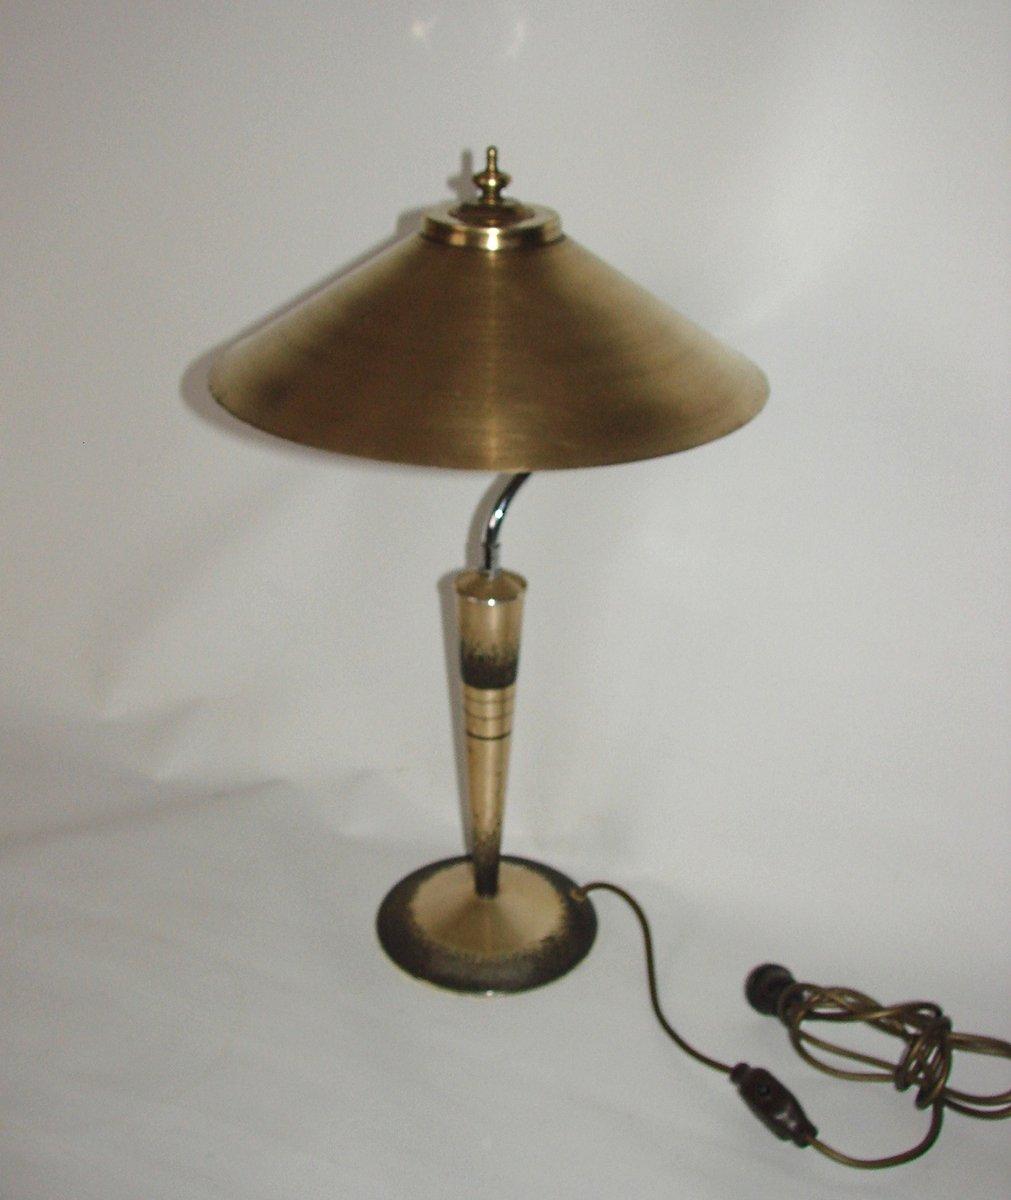 Ikora Lampe von WMF, 1920er